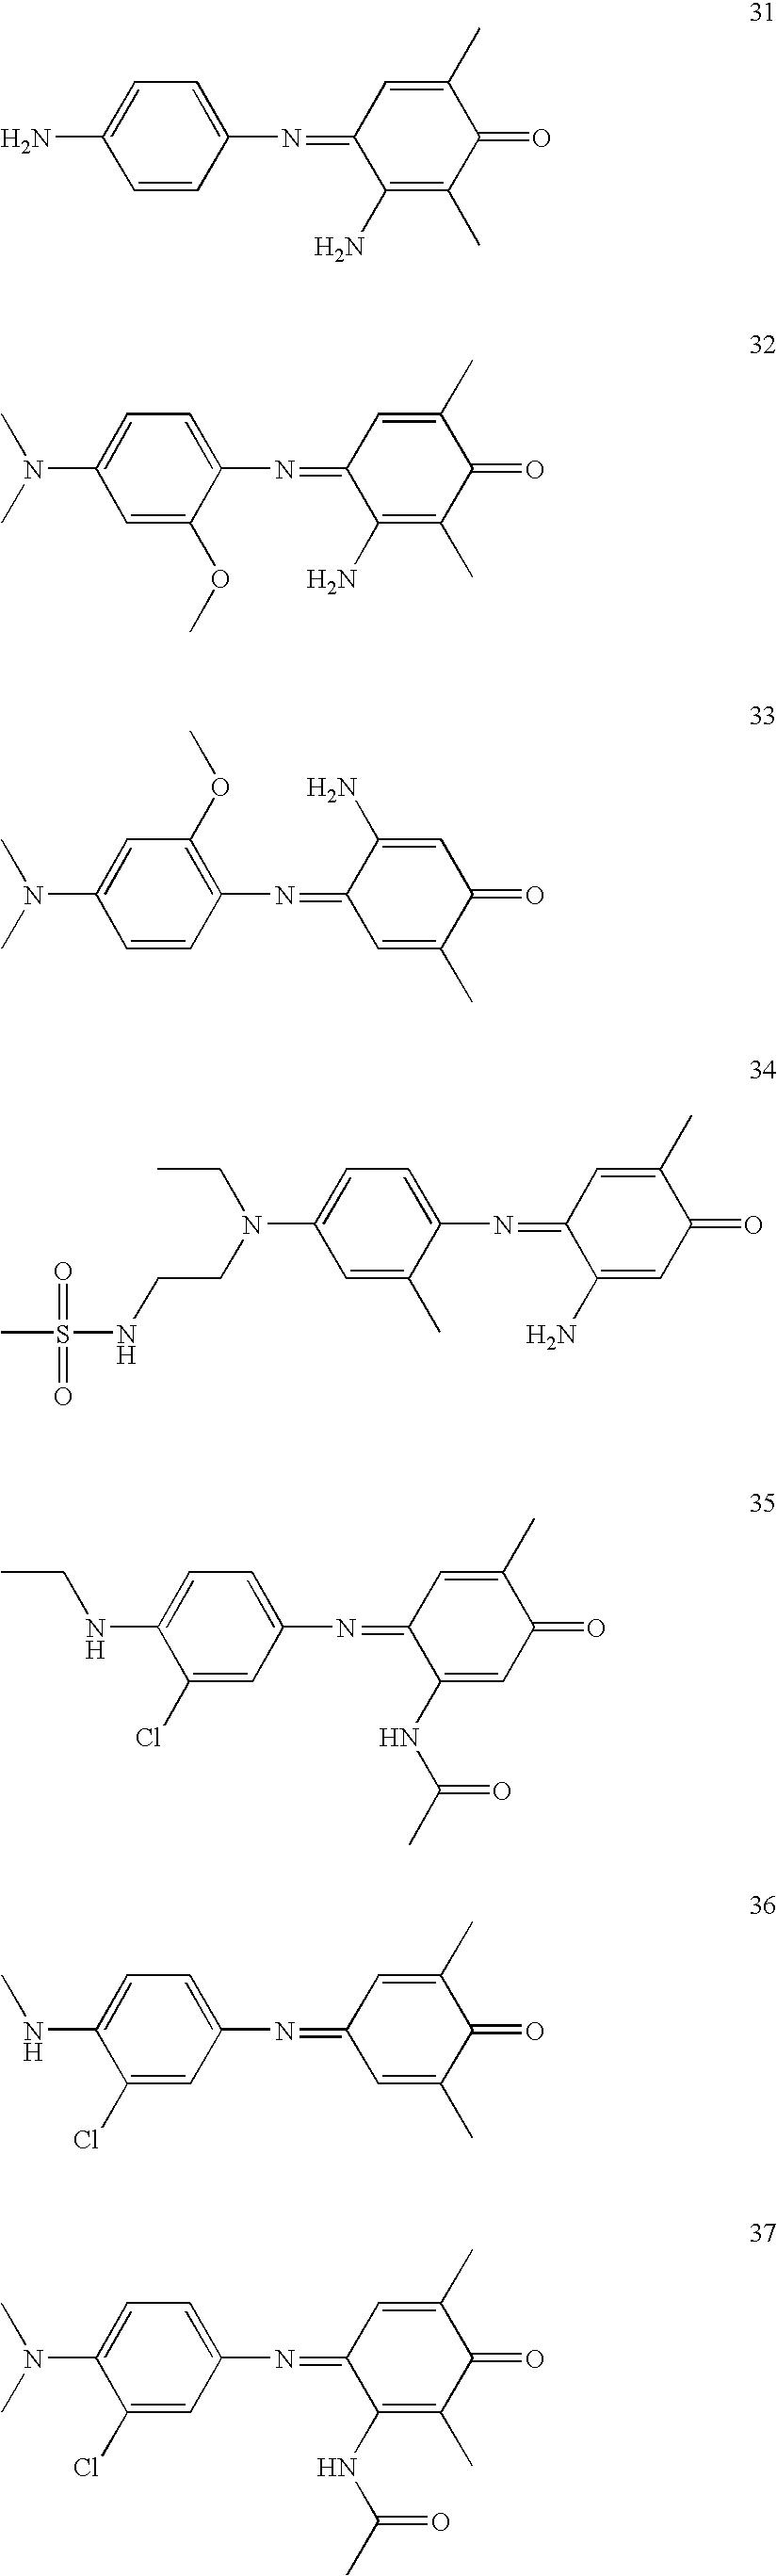 Figure US07645304-20100112-C00018